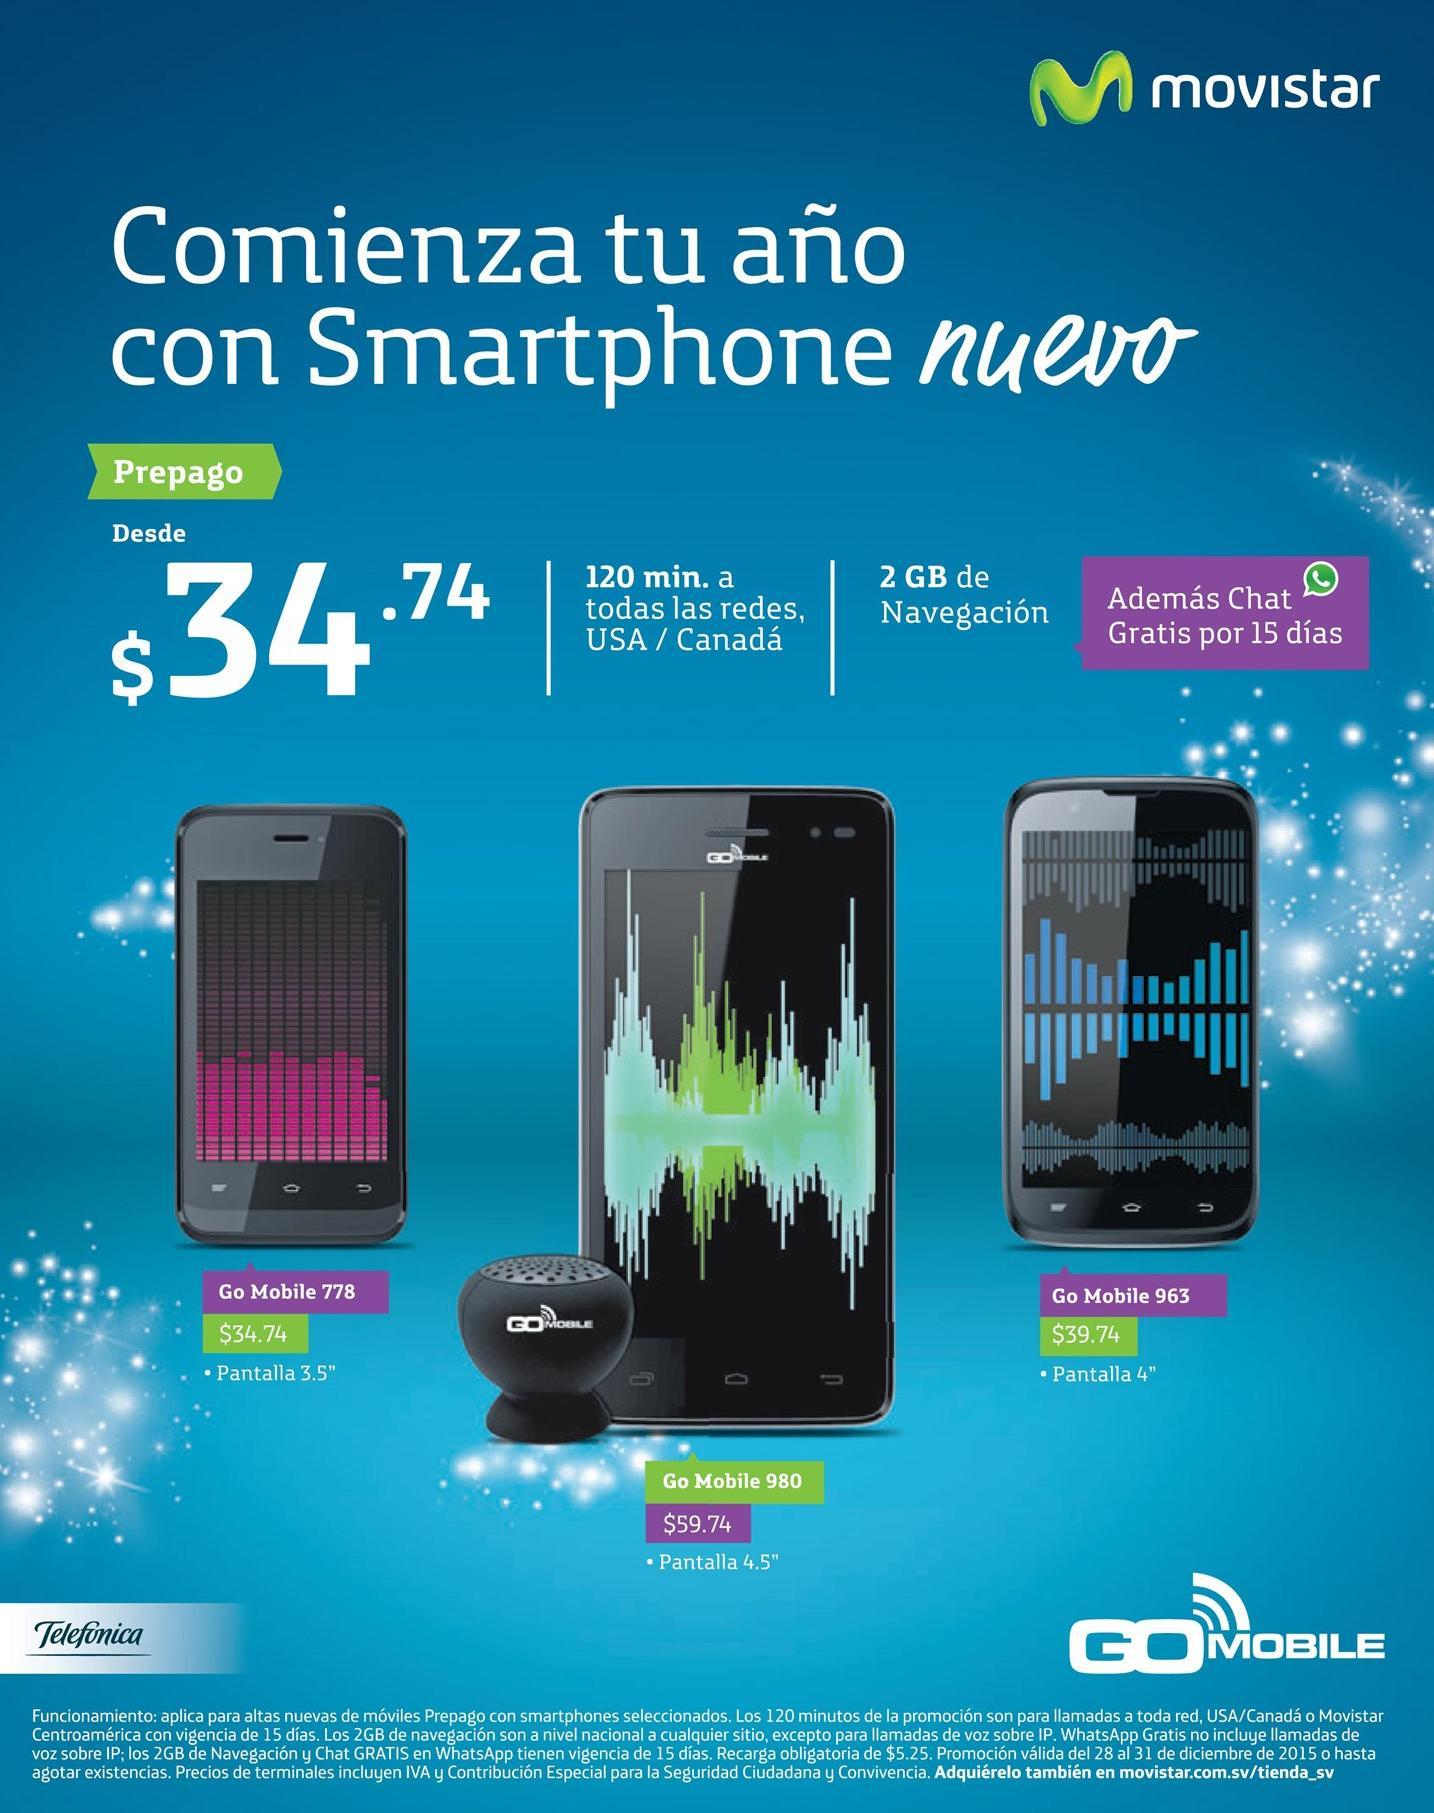 MOVISTAR Comieza el año 2016 con smartphone nuevo